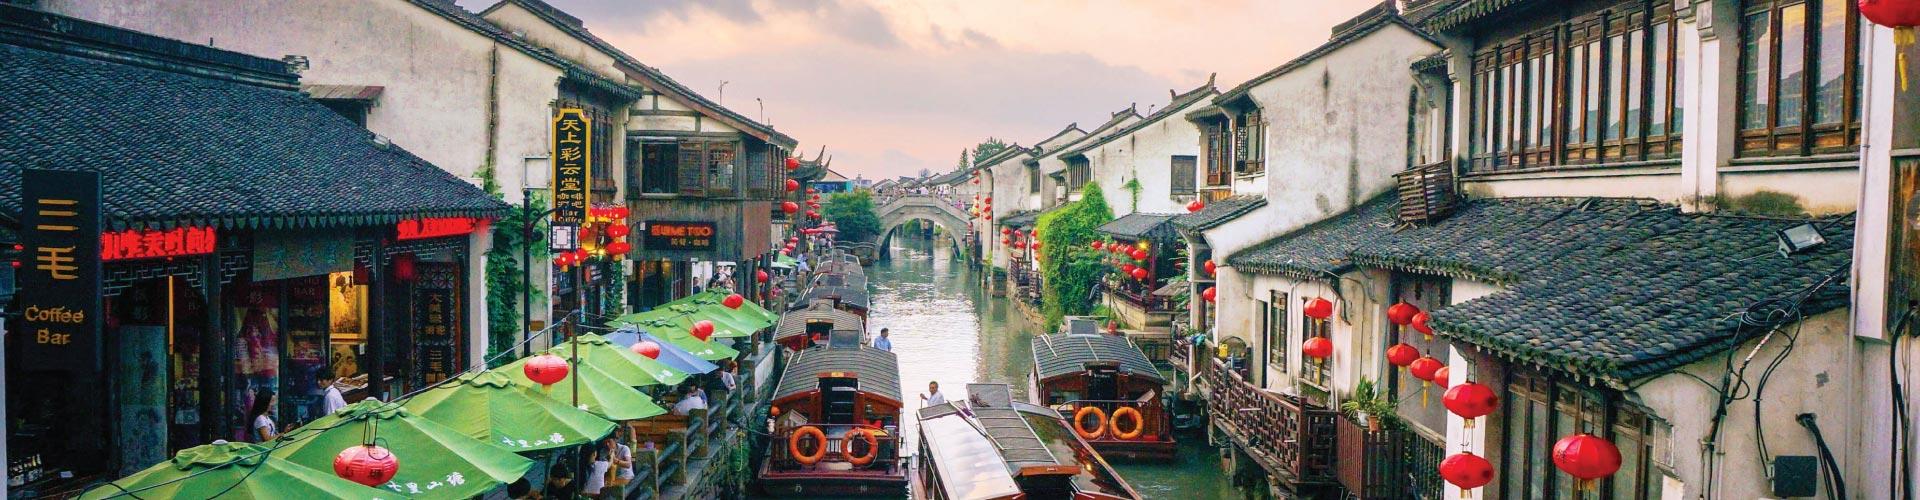 Shanghai, Suzhou, Hangzhou, Nanjing, Wuxi